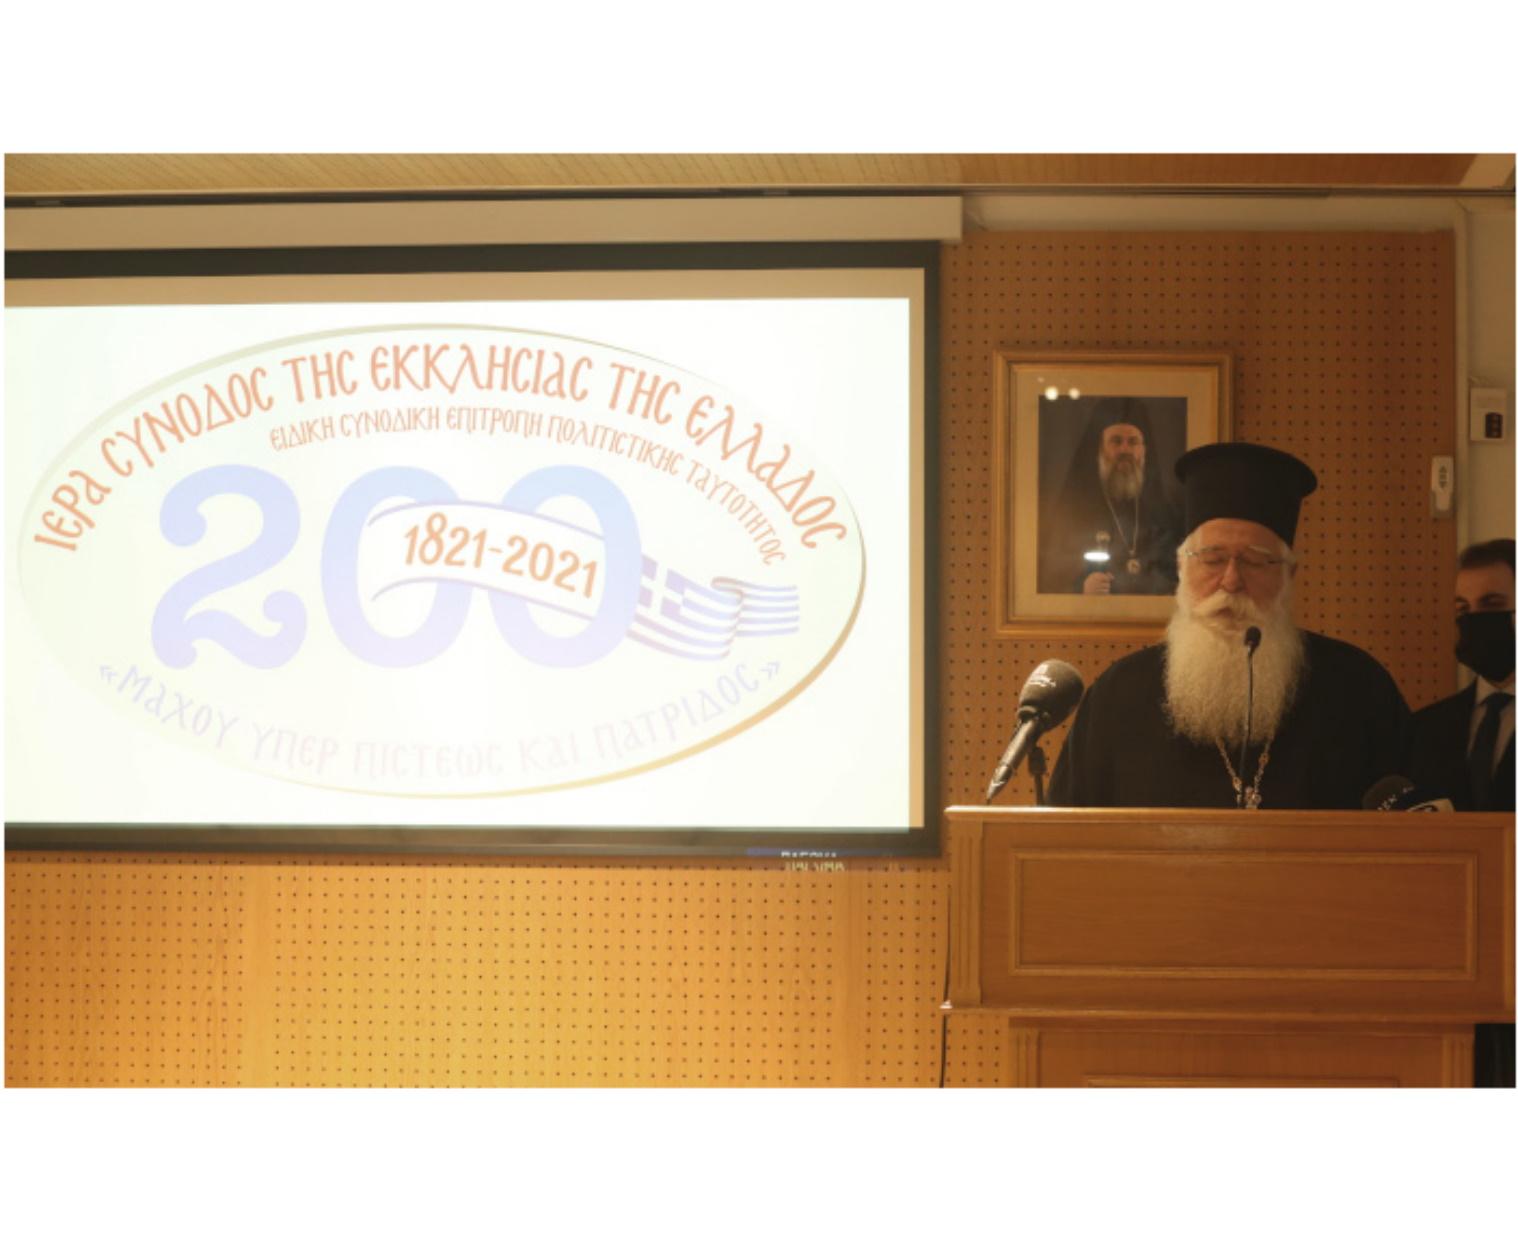 Το σποτ από την Εκκλησία της Ελλάδος για τα 200 χρόνια από το 1821